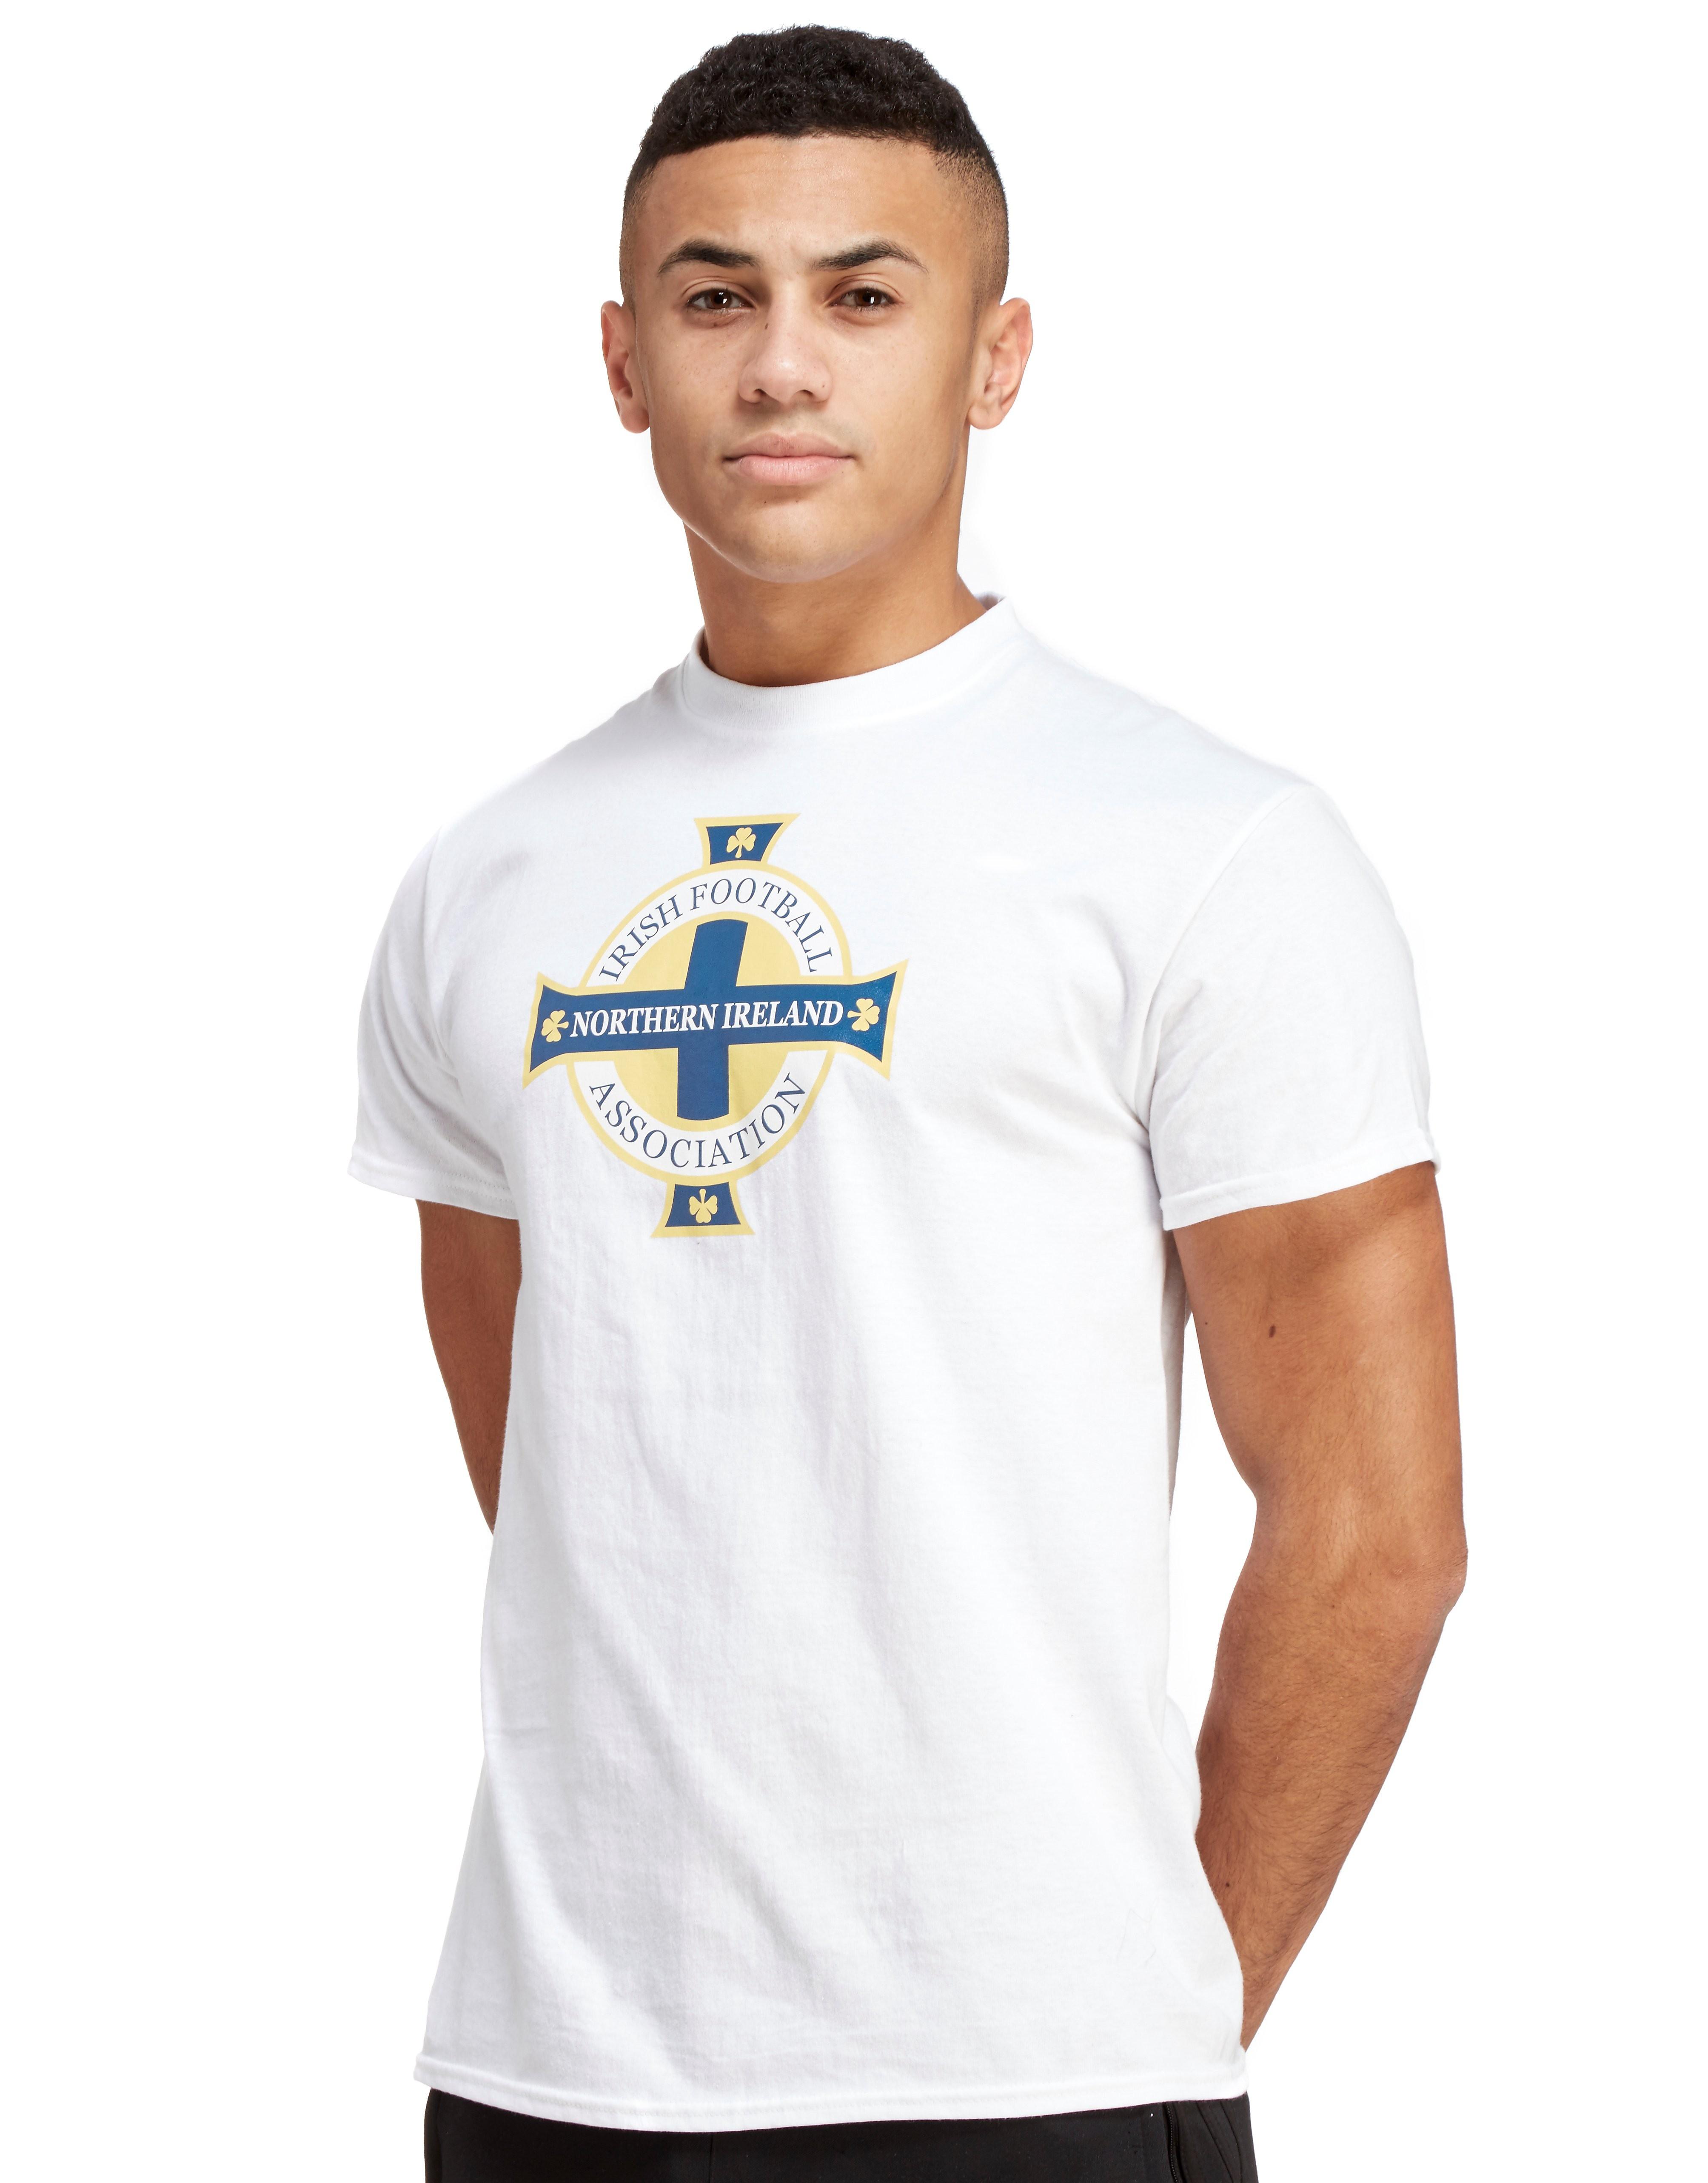 Official Team T-shirt avec l'écusson de l'Irlande du Nord